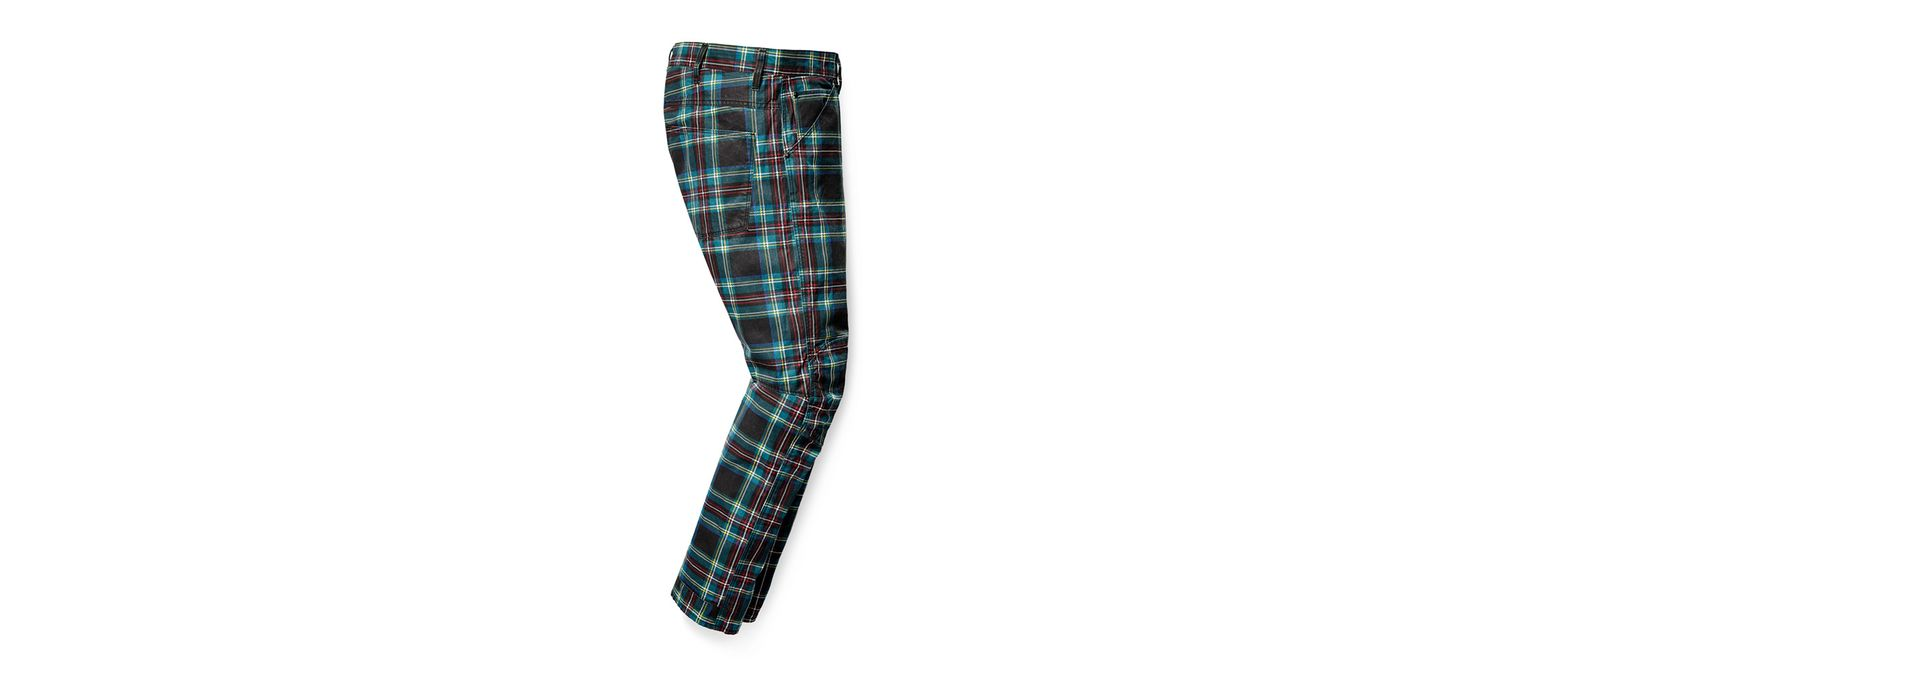 ... G-Star RAW Pharrell Williams x G-Star Elwood X25 3D Tapered Men s Jeans  ... 5072349b7f19